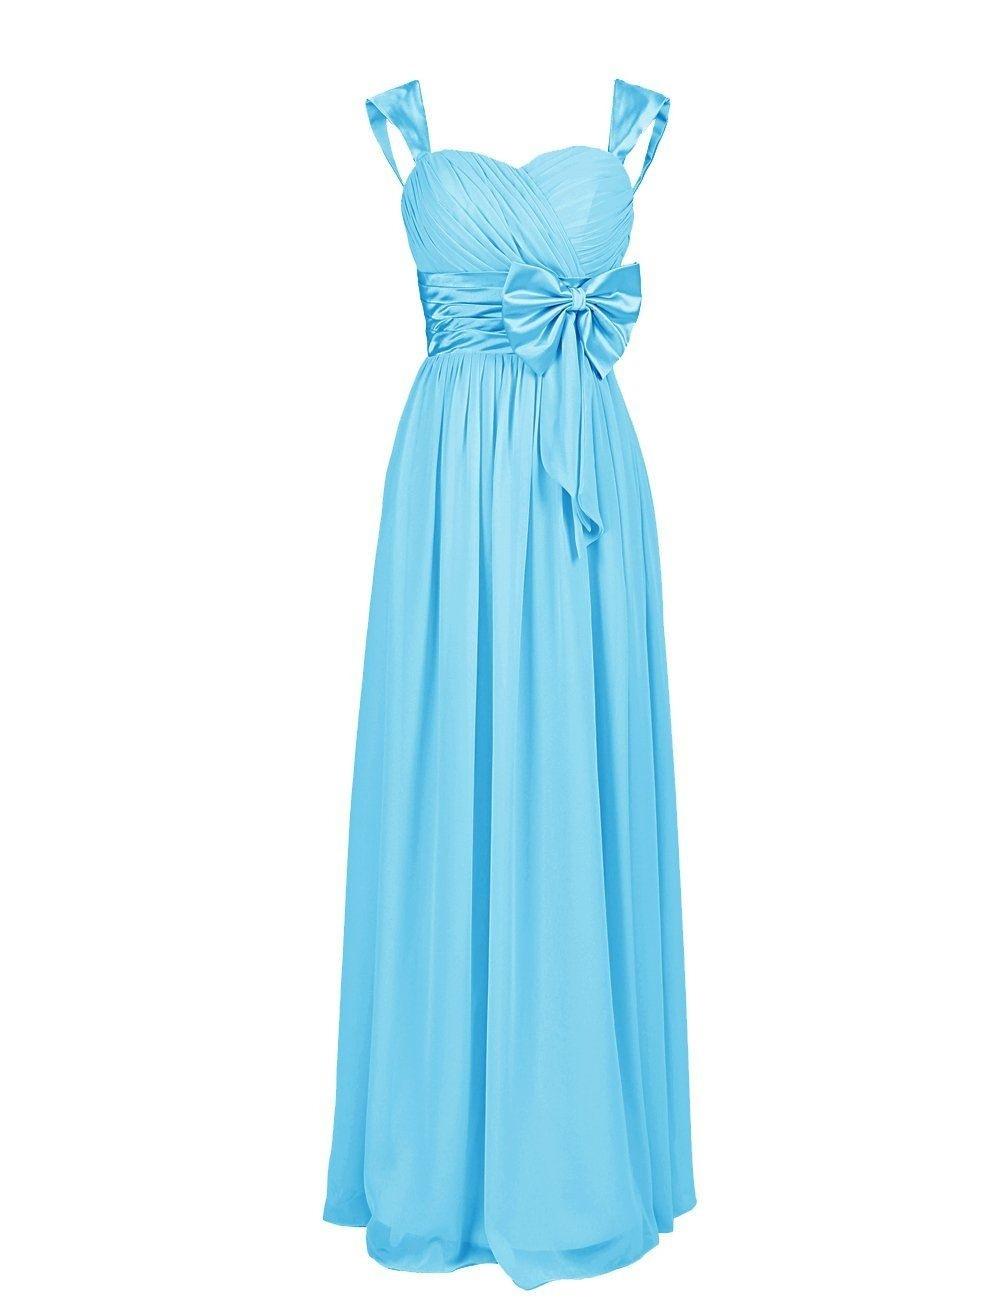 13 Ausgezeichnet Zalando Abendkleid Lang SpezialgebietFormal Wunderbar Zalando Abendkleid Lang Boutique